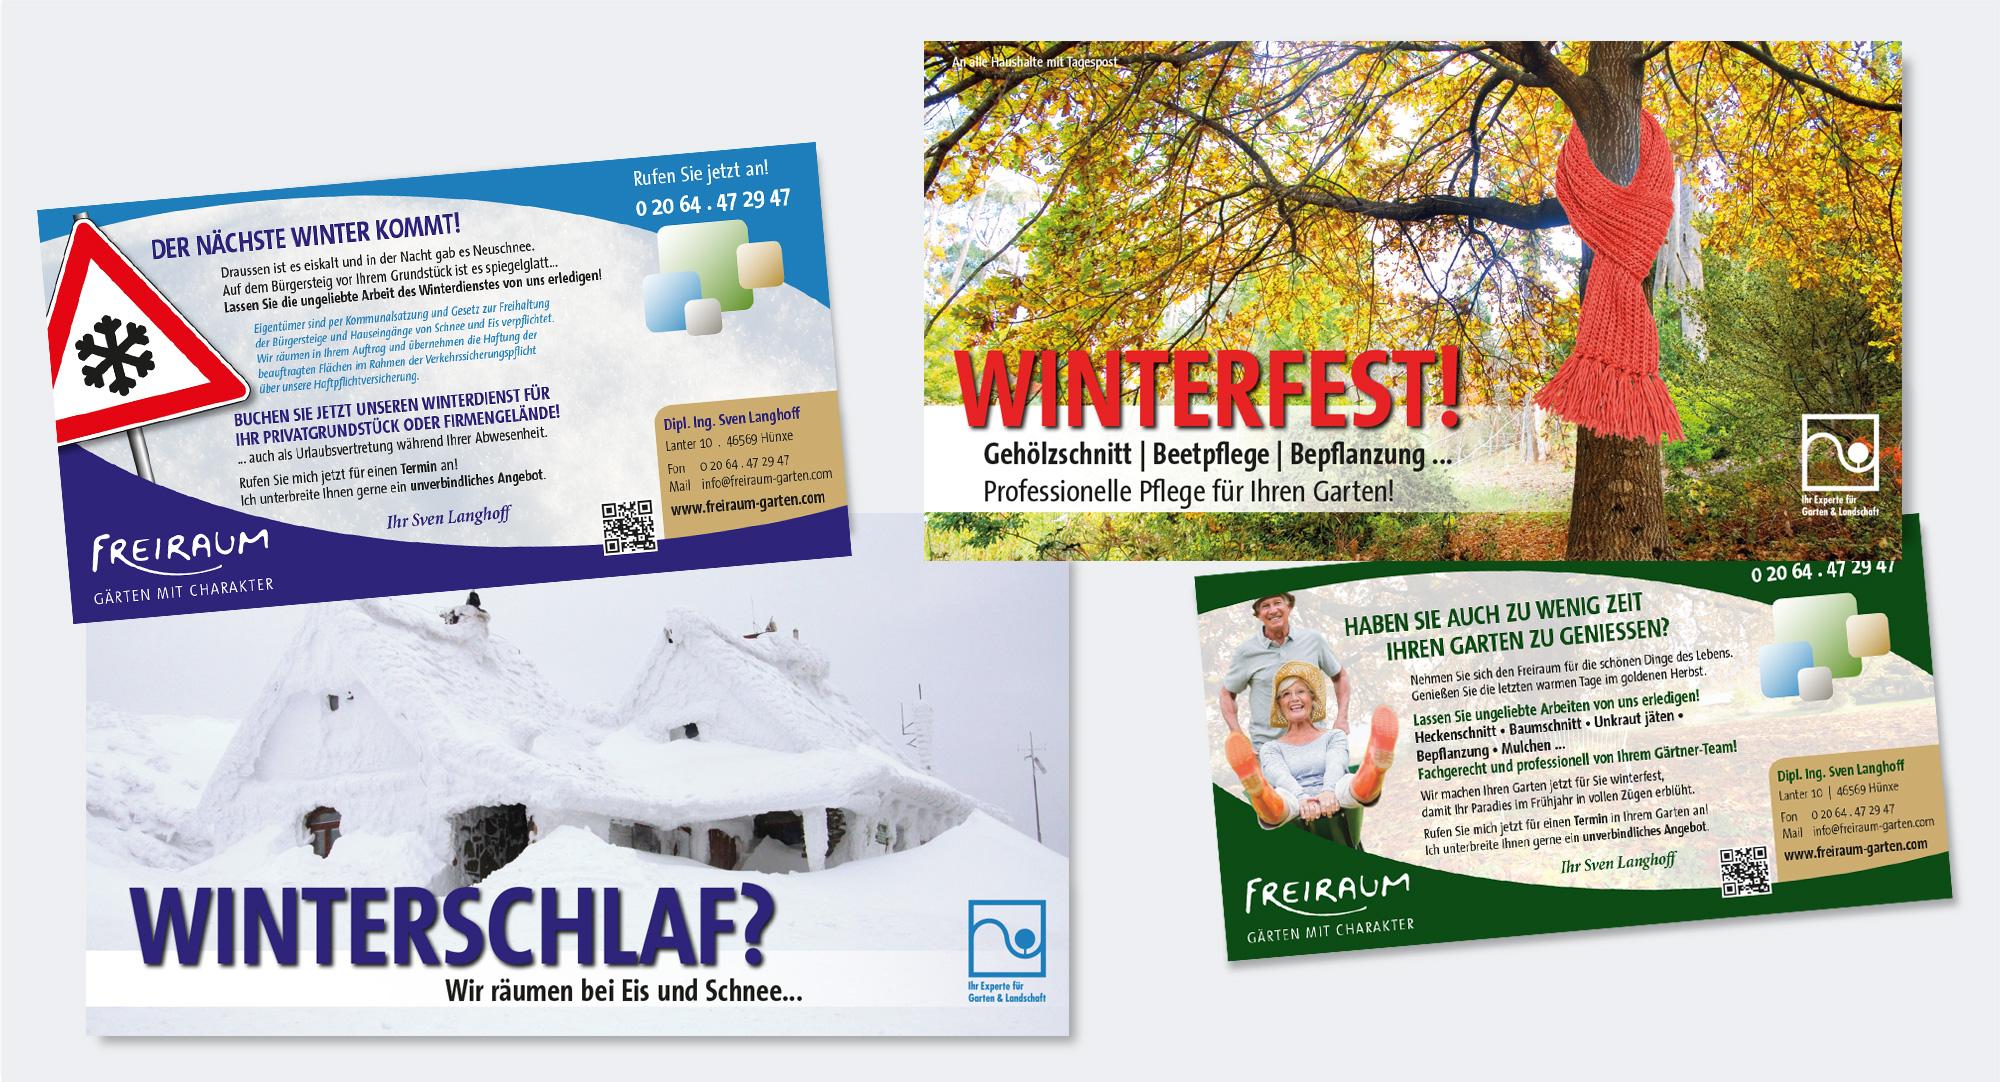 Freiraum – Sven Langhoff, Hünxe: Mailingaktion in Kooperation mit Gartenbau Benno Müller, Xanten